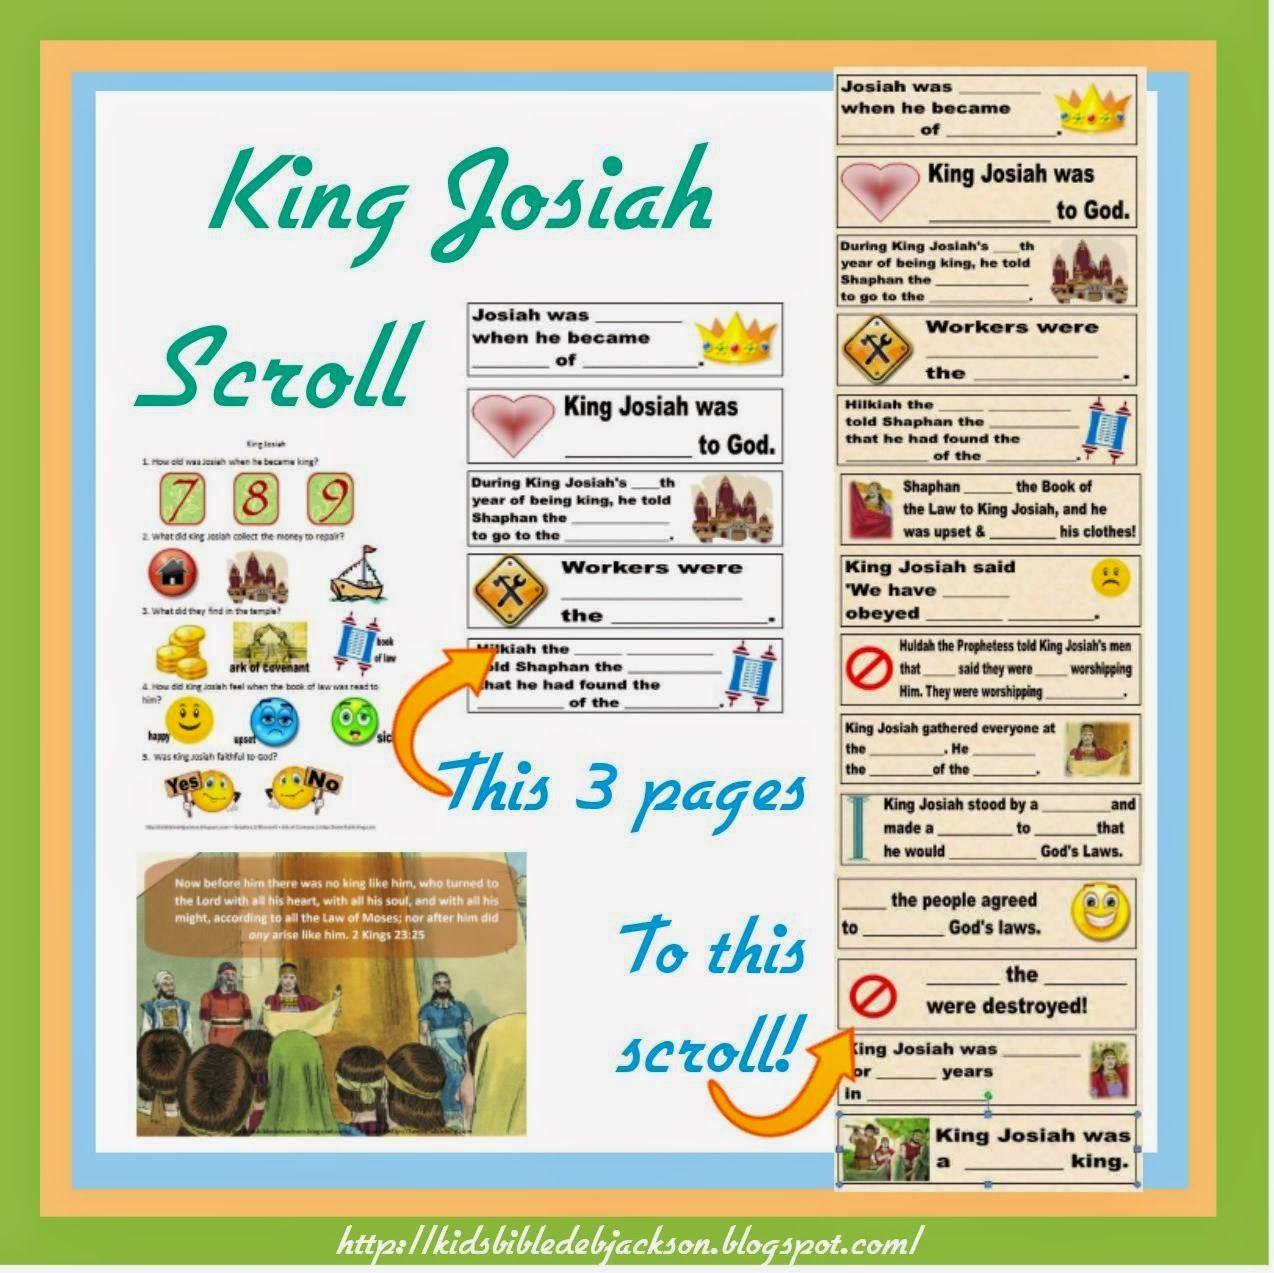 King Josiah